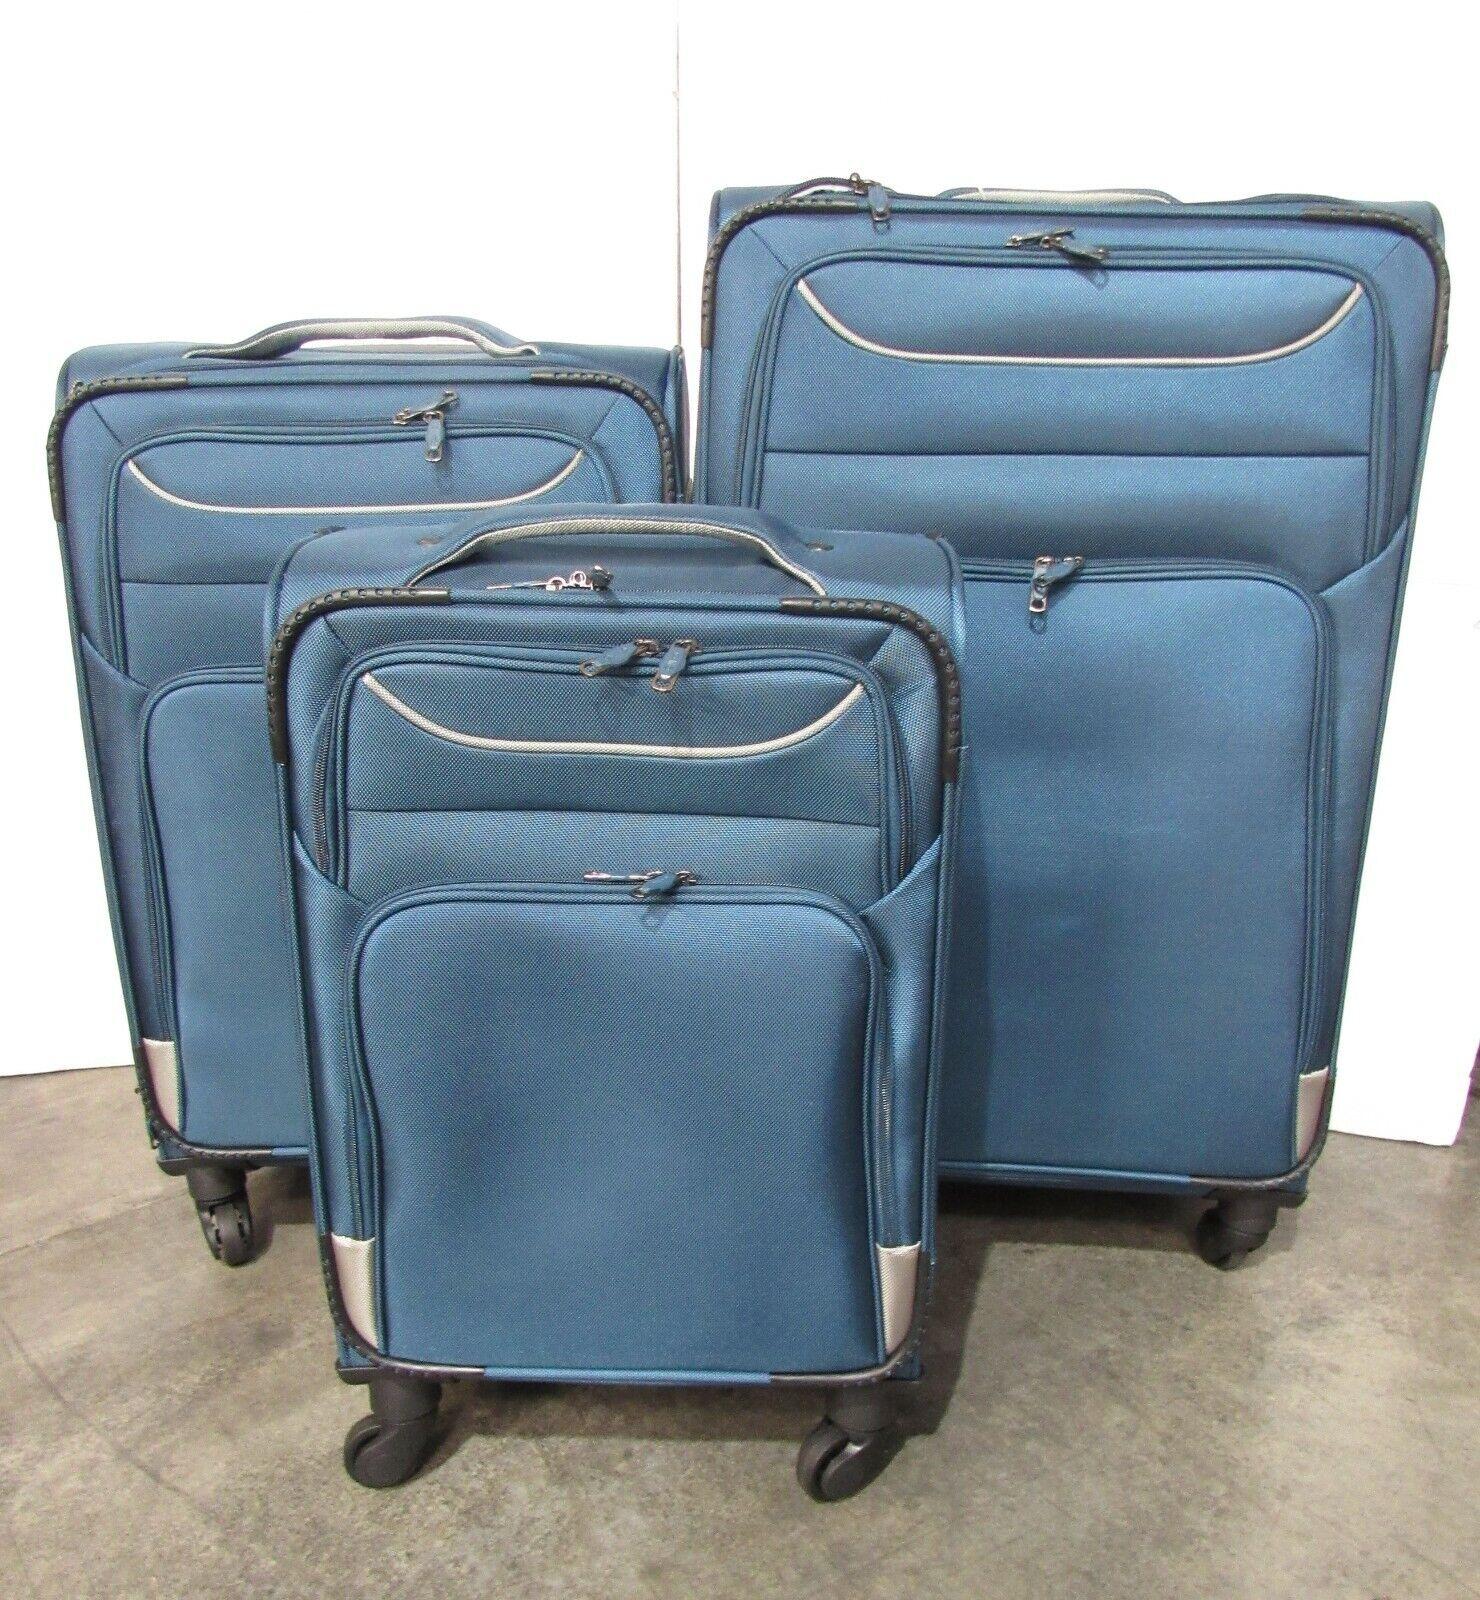 USED Coolife 3 Piece Softshell Suitcase Set Luggage TSA Lock 20 24 28 Blue A64 - $119.59